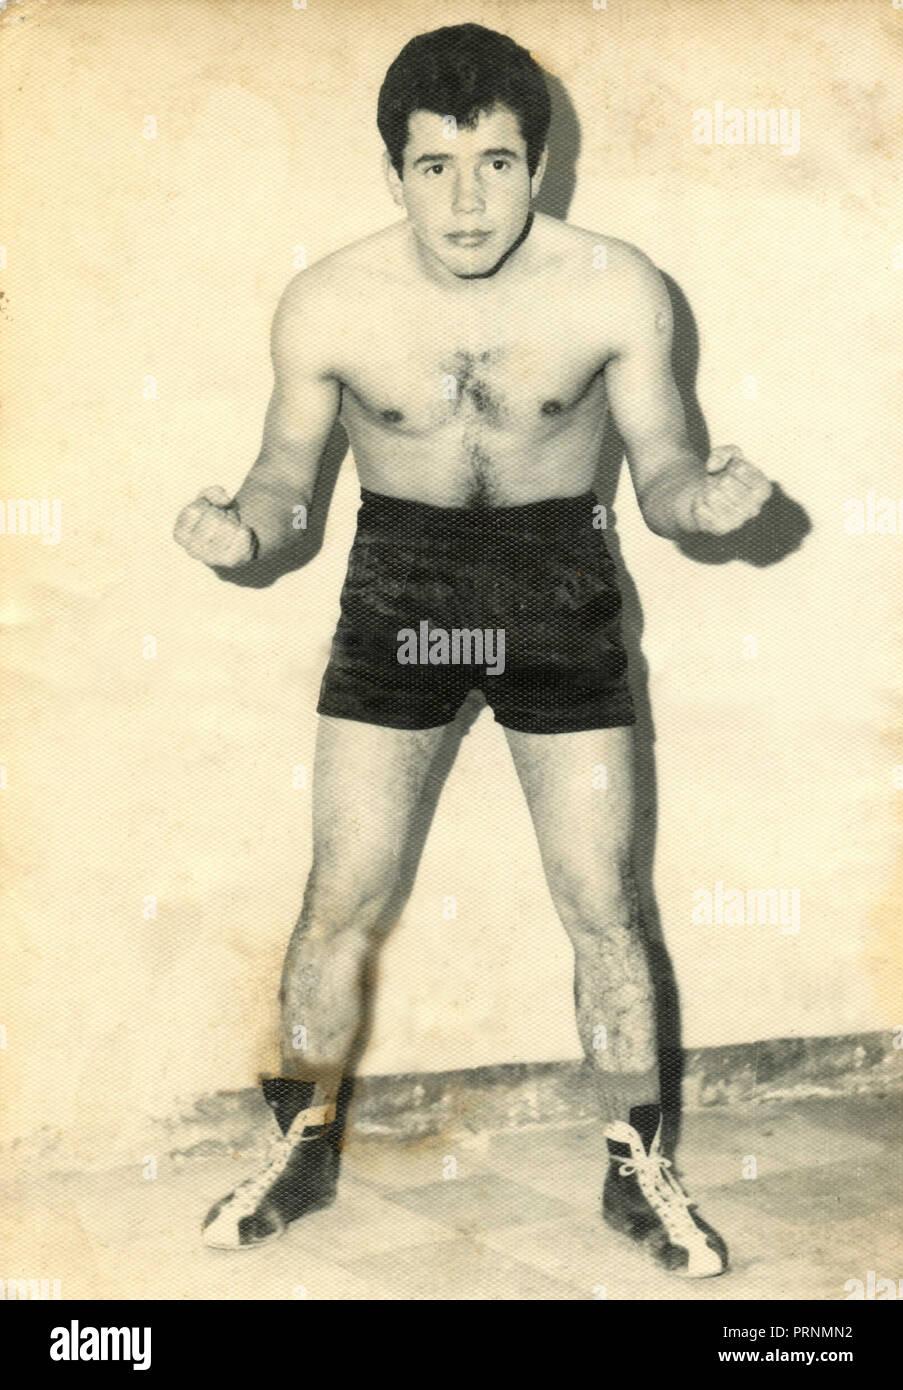 Boxe italiana atleta Roberto Paoletti, 1960 Immagini Stock